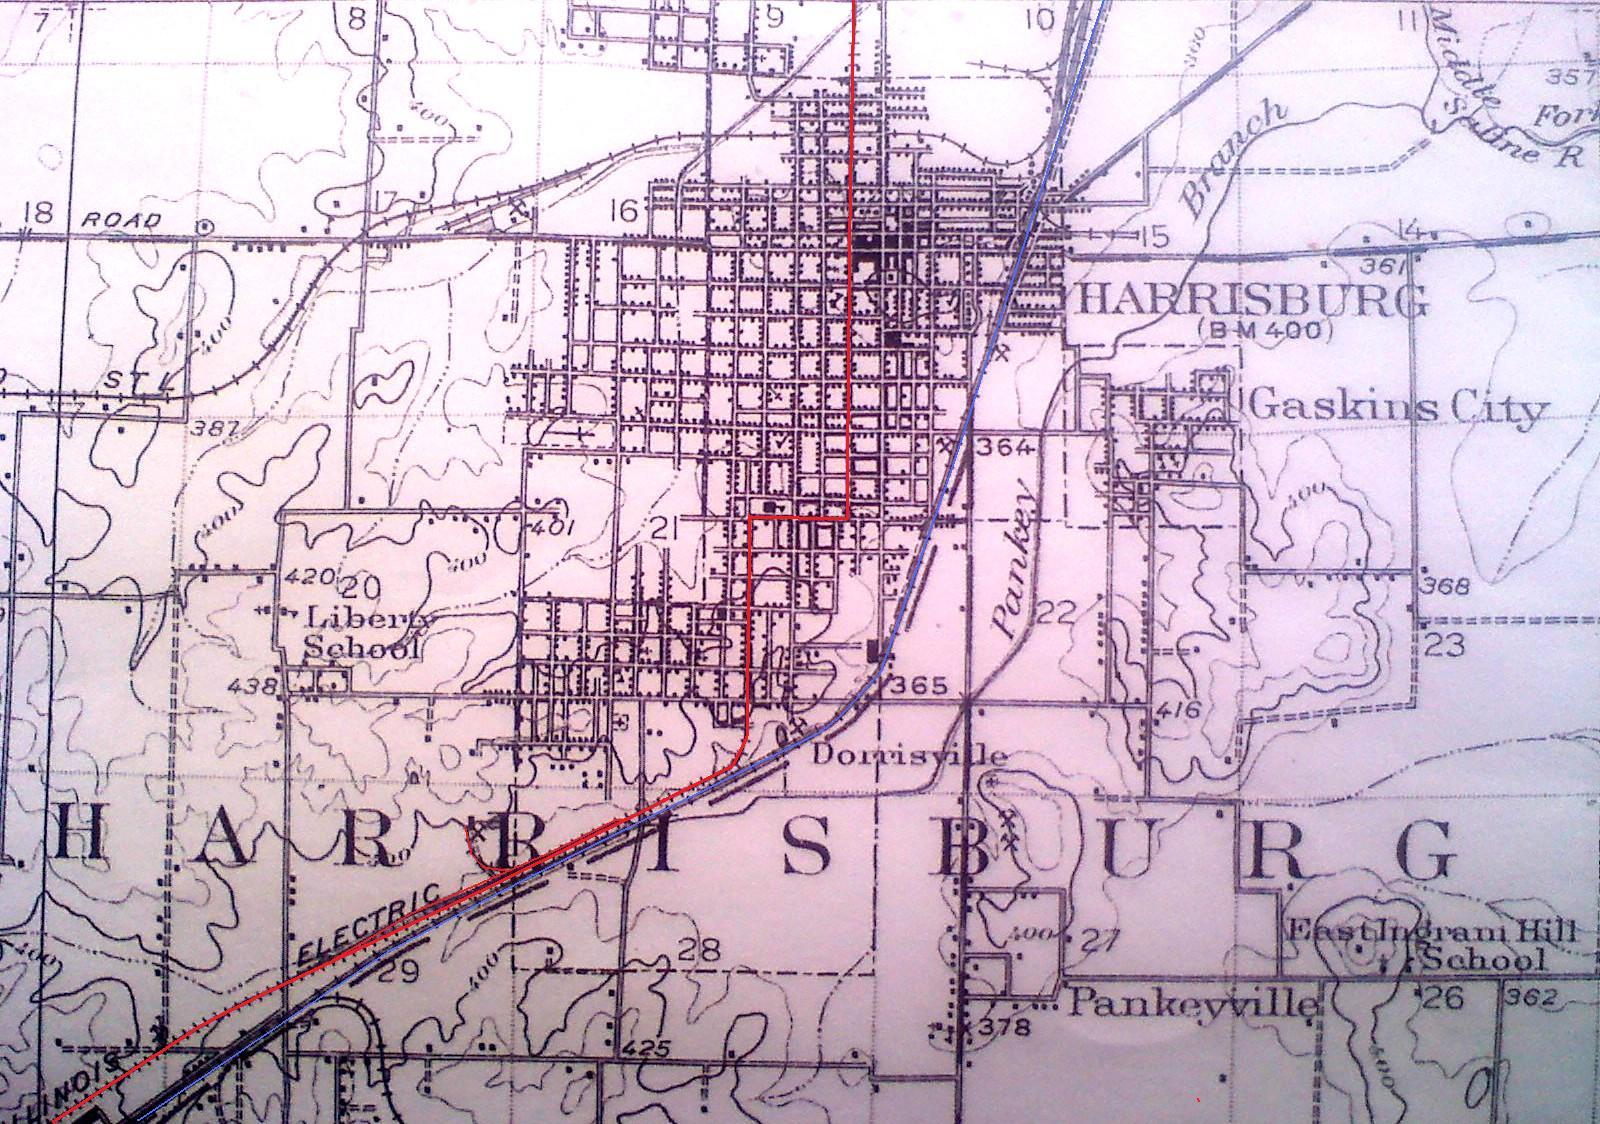 Harrisburg Illinois